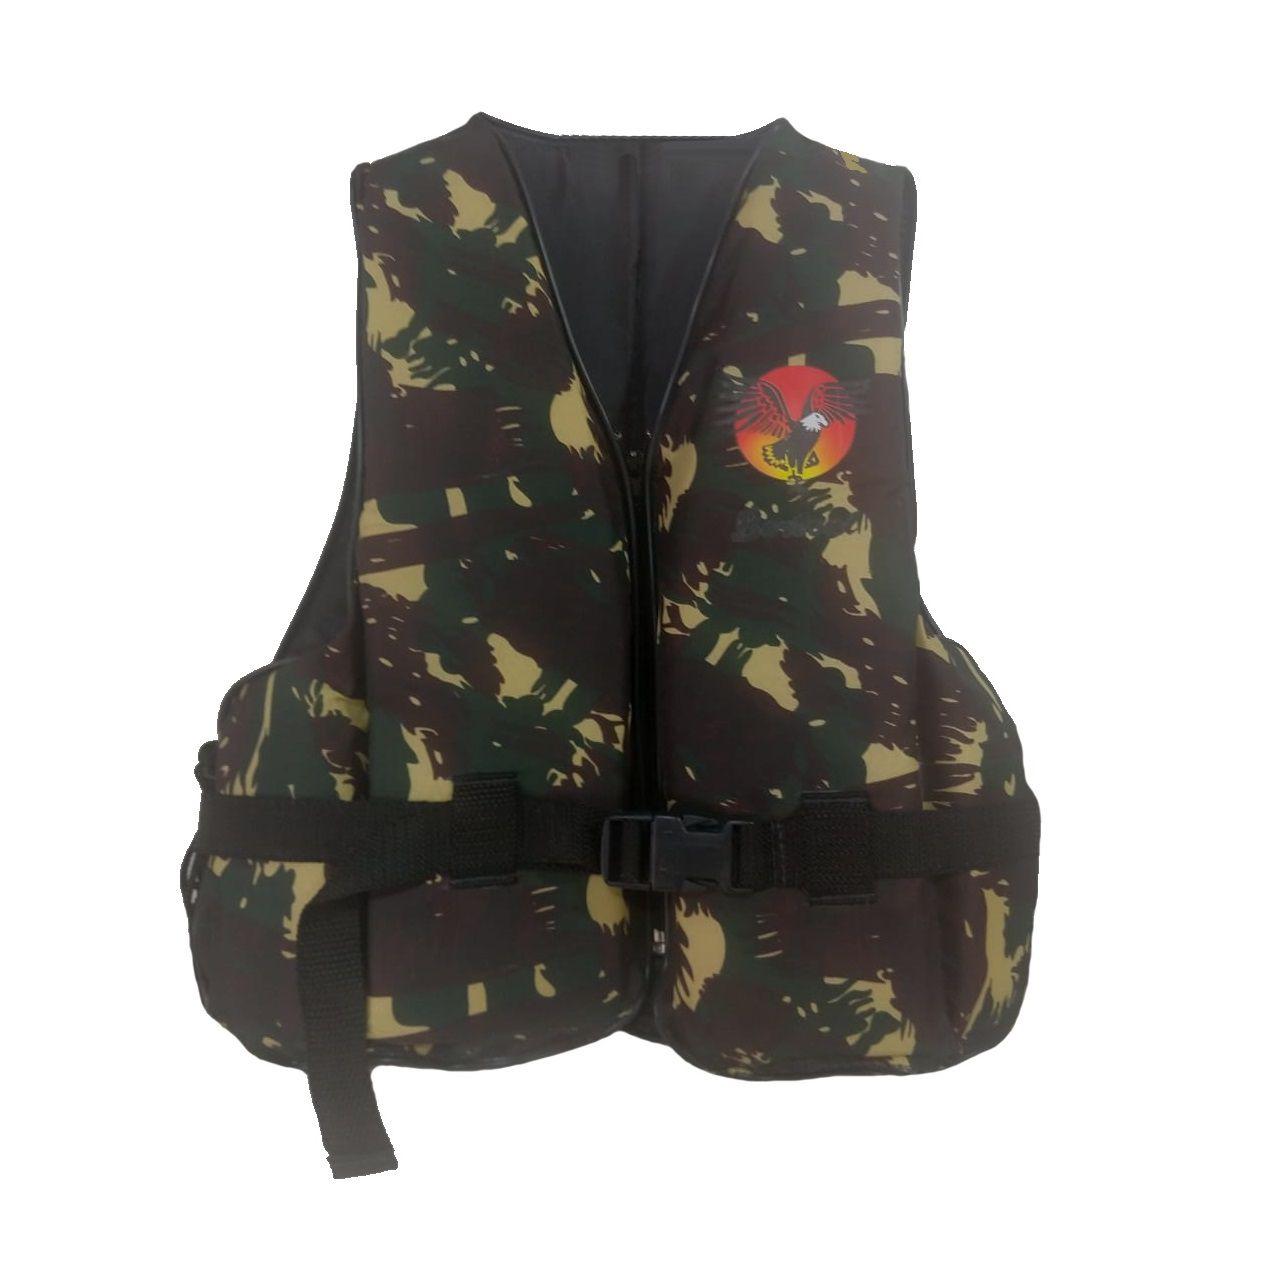 Colete Infantil Flutuante 40 kg Camuflado Bertoni